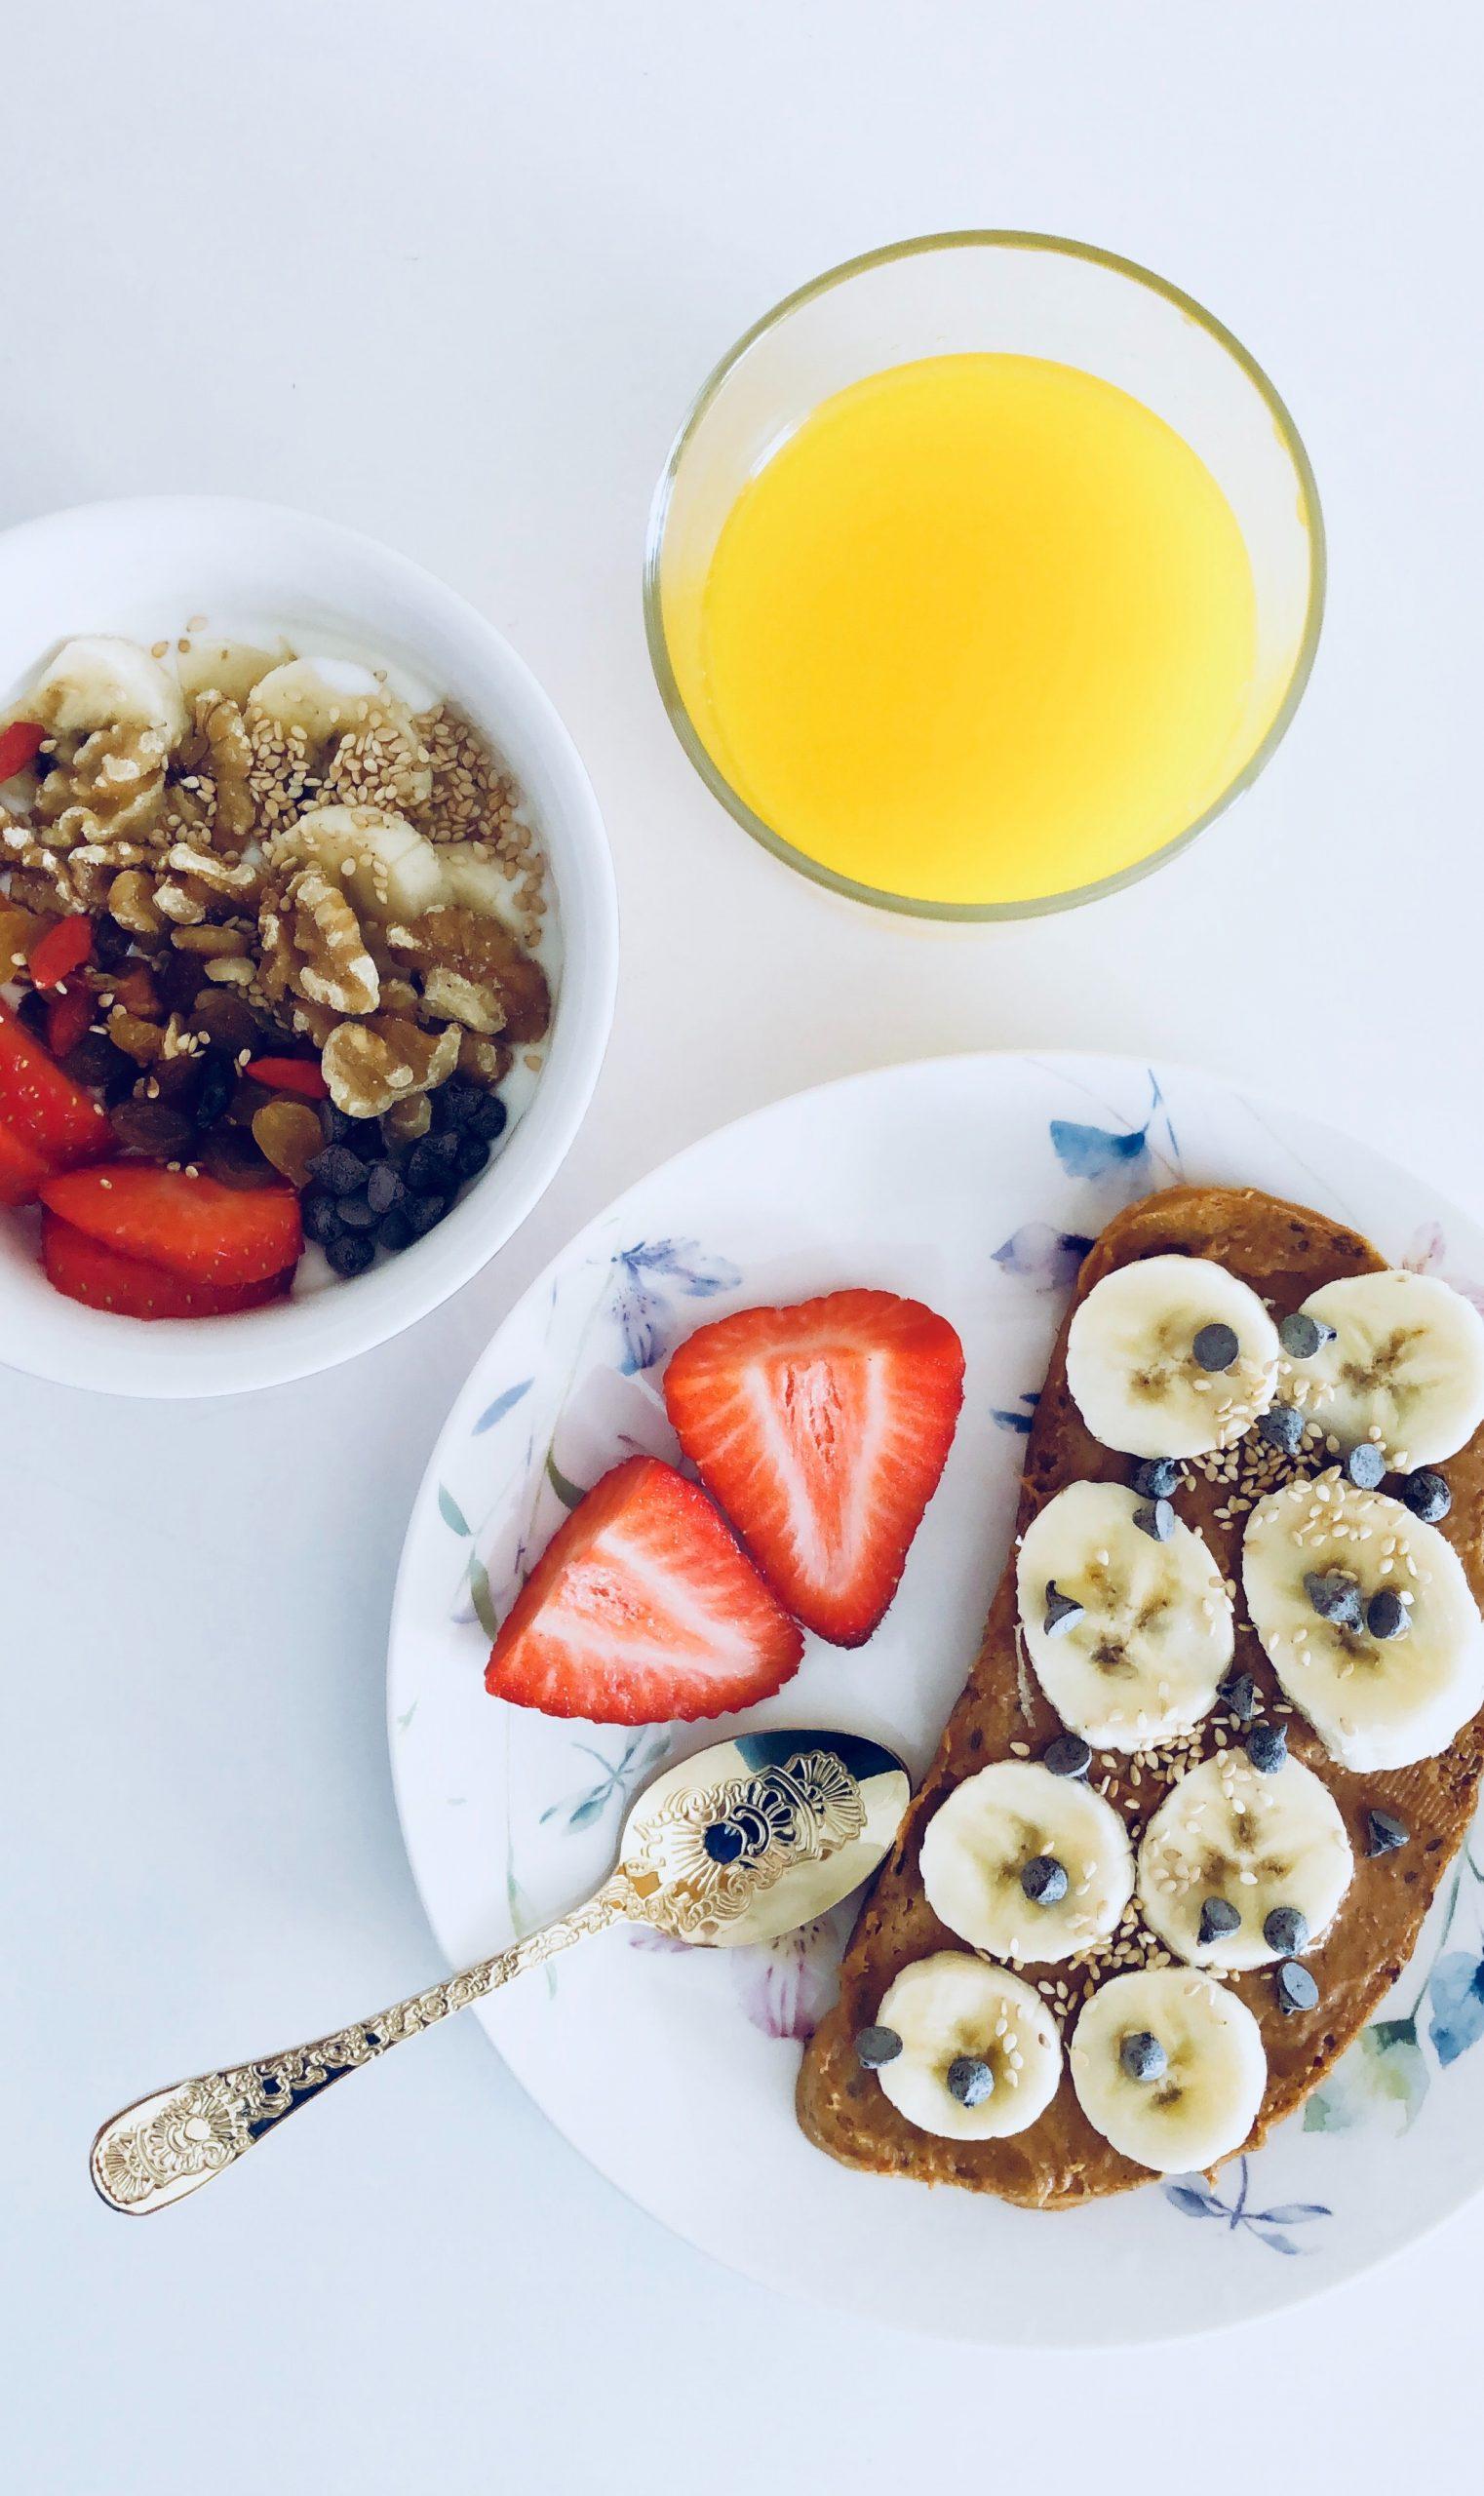 Måltidskasse: Nem og lækker mad leveret direkte til din hoveddør